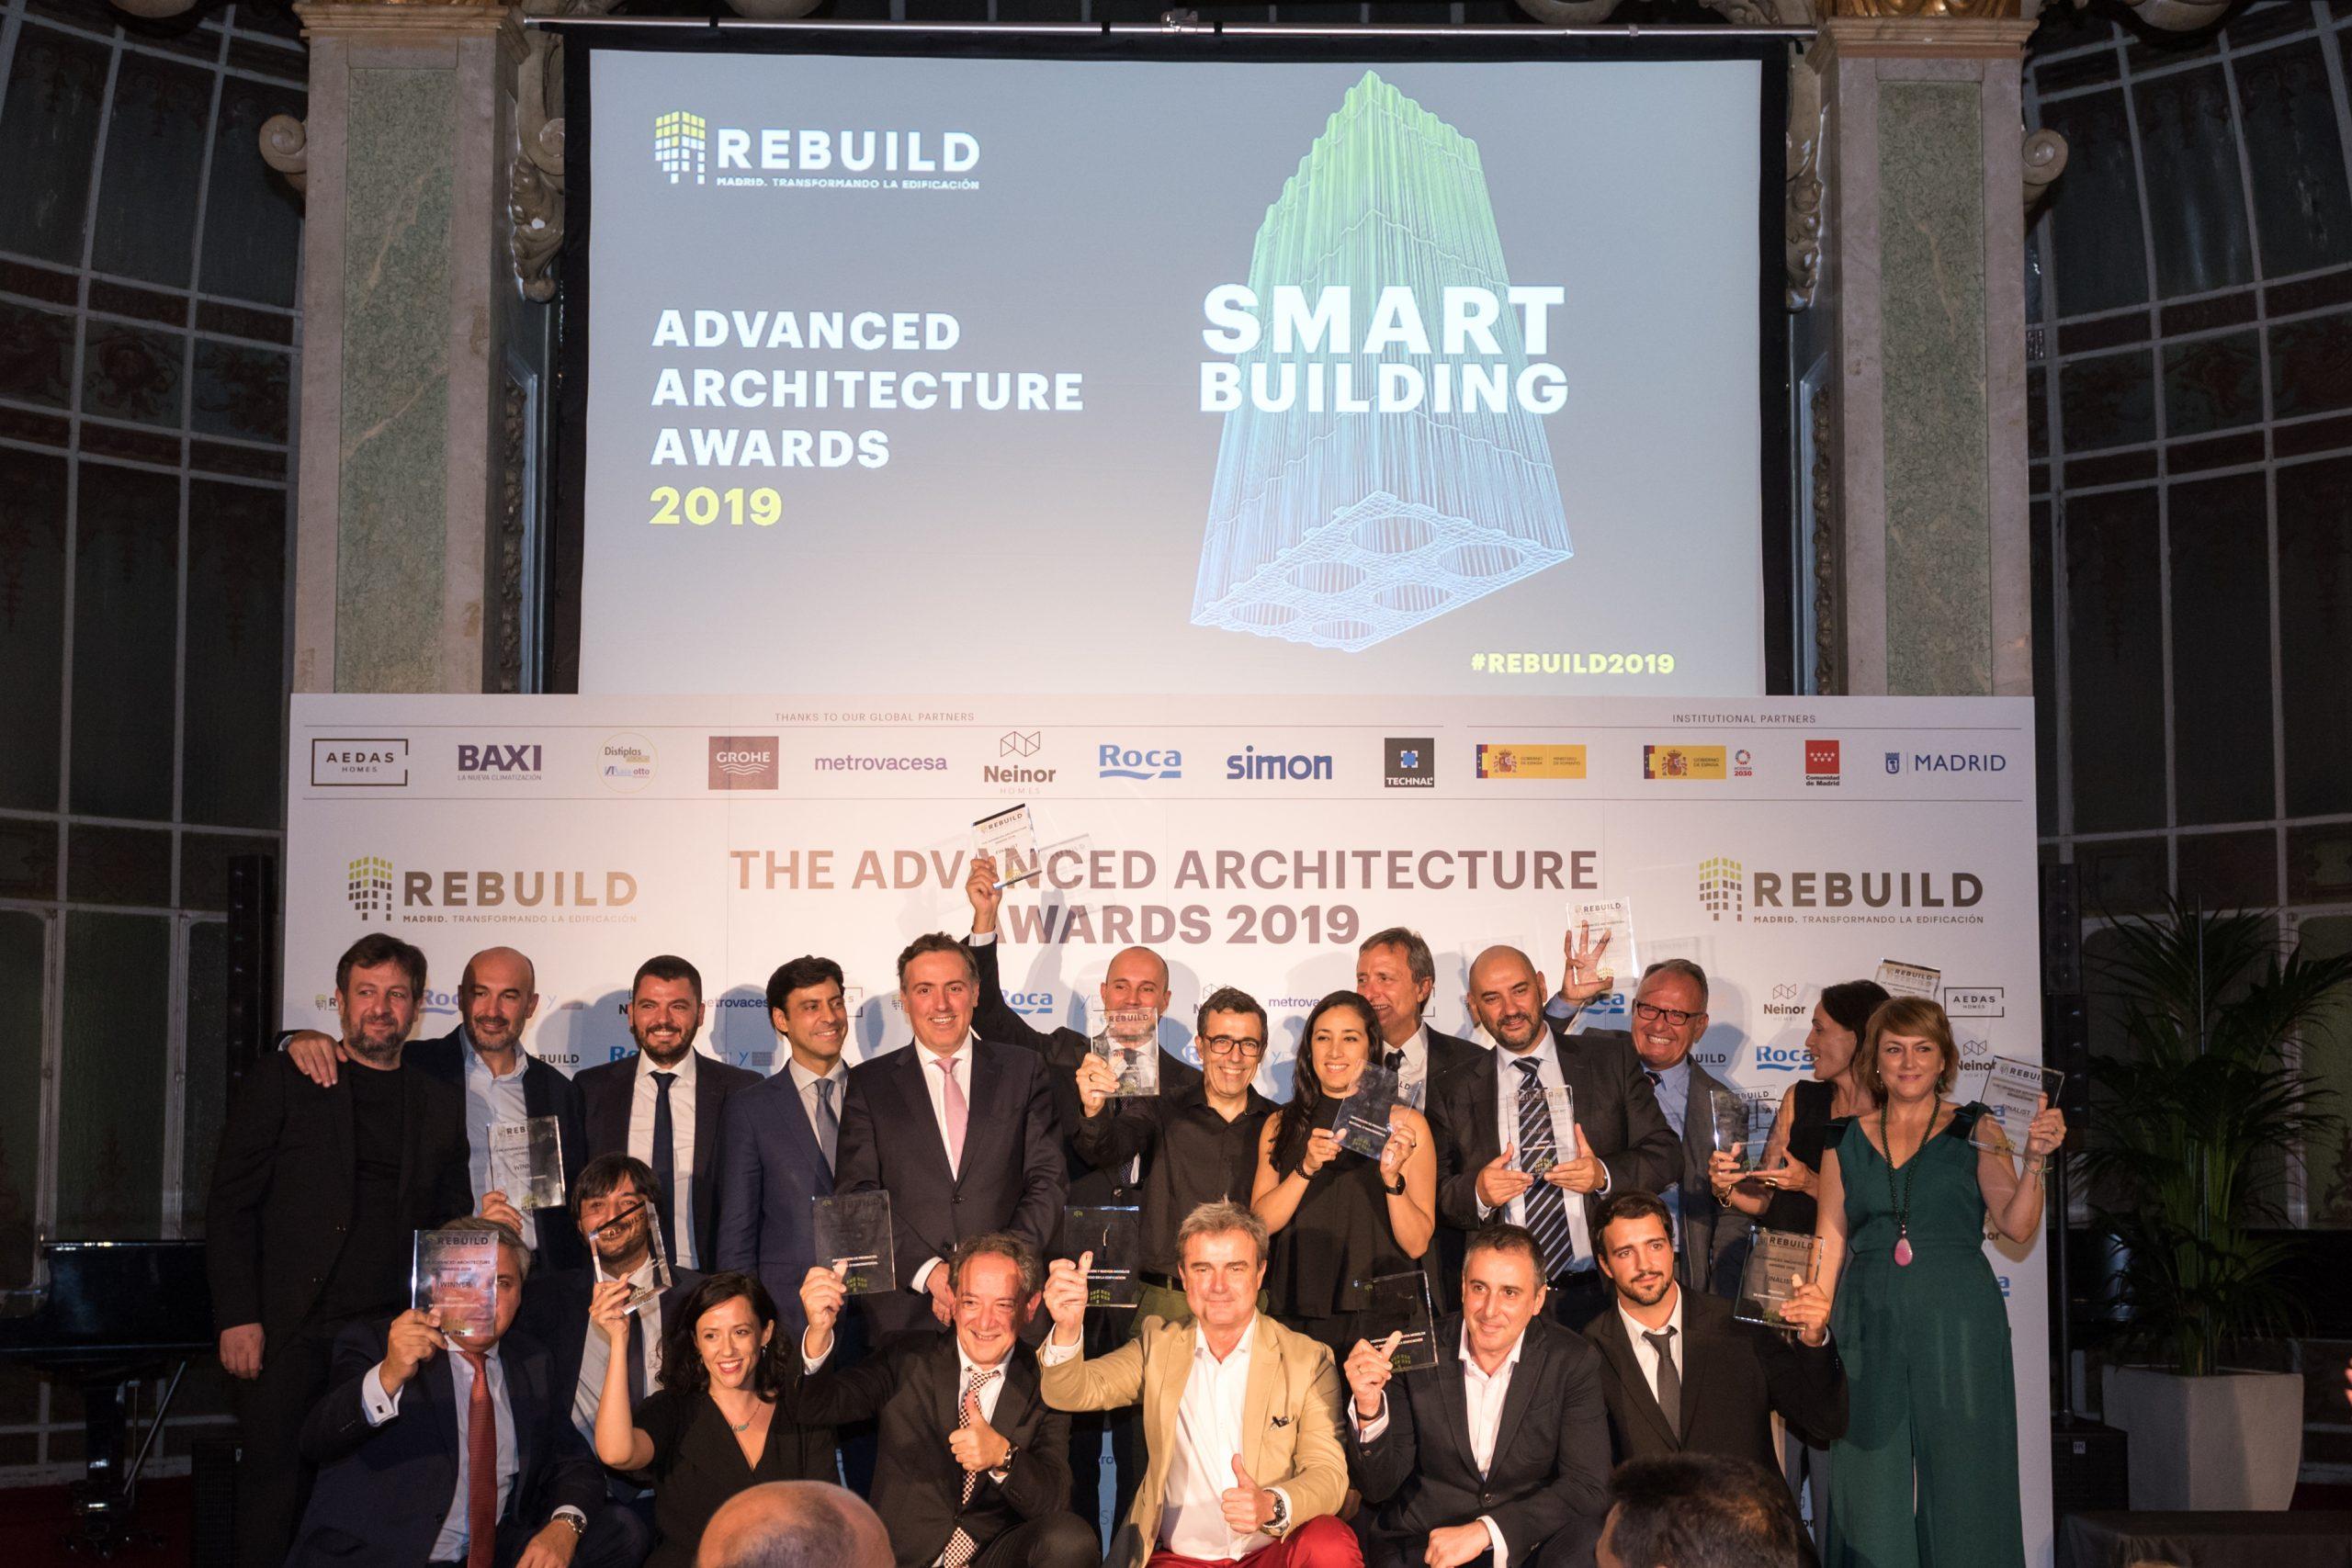 REBUILD premia la innovación en la edificación con los Advanced Architecture Awards 2020